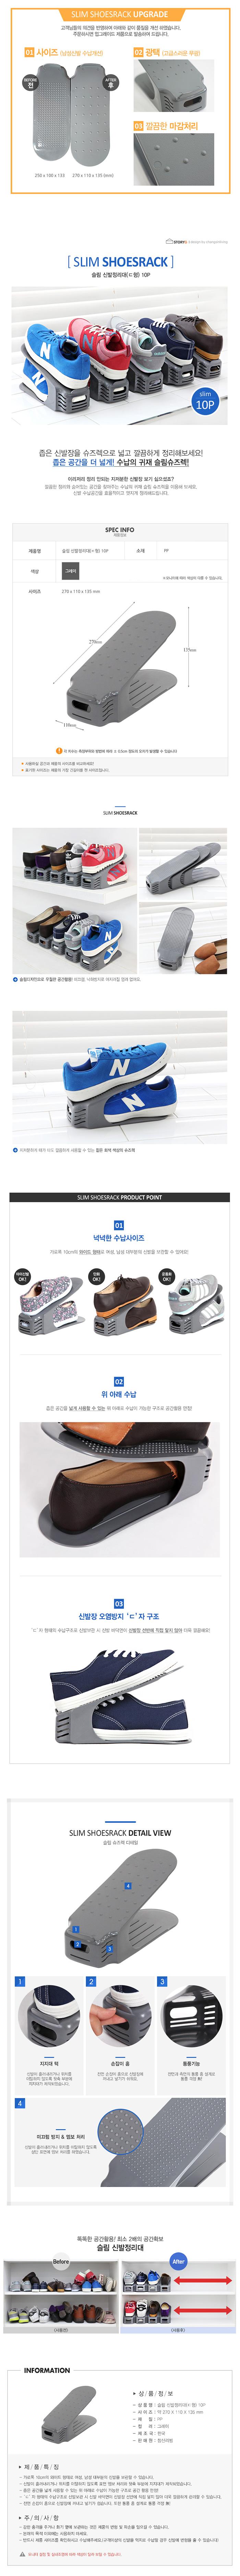 슬림신발정리대(ㄷ형)10P - 창신리빙, 10,800원, 수납/선반장, 신발정리대/신발장